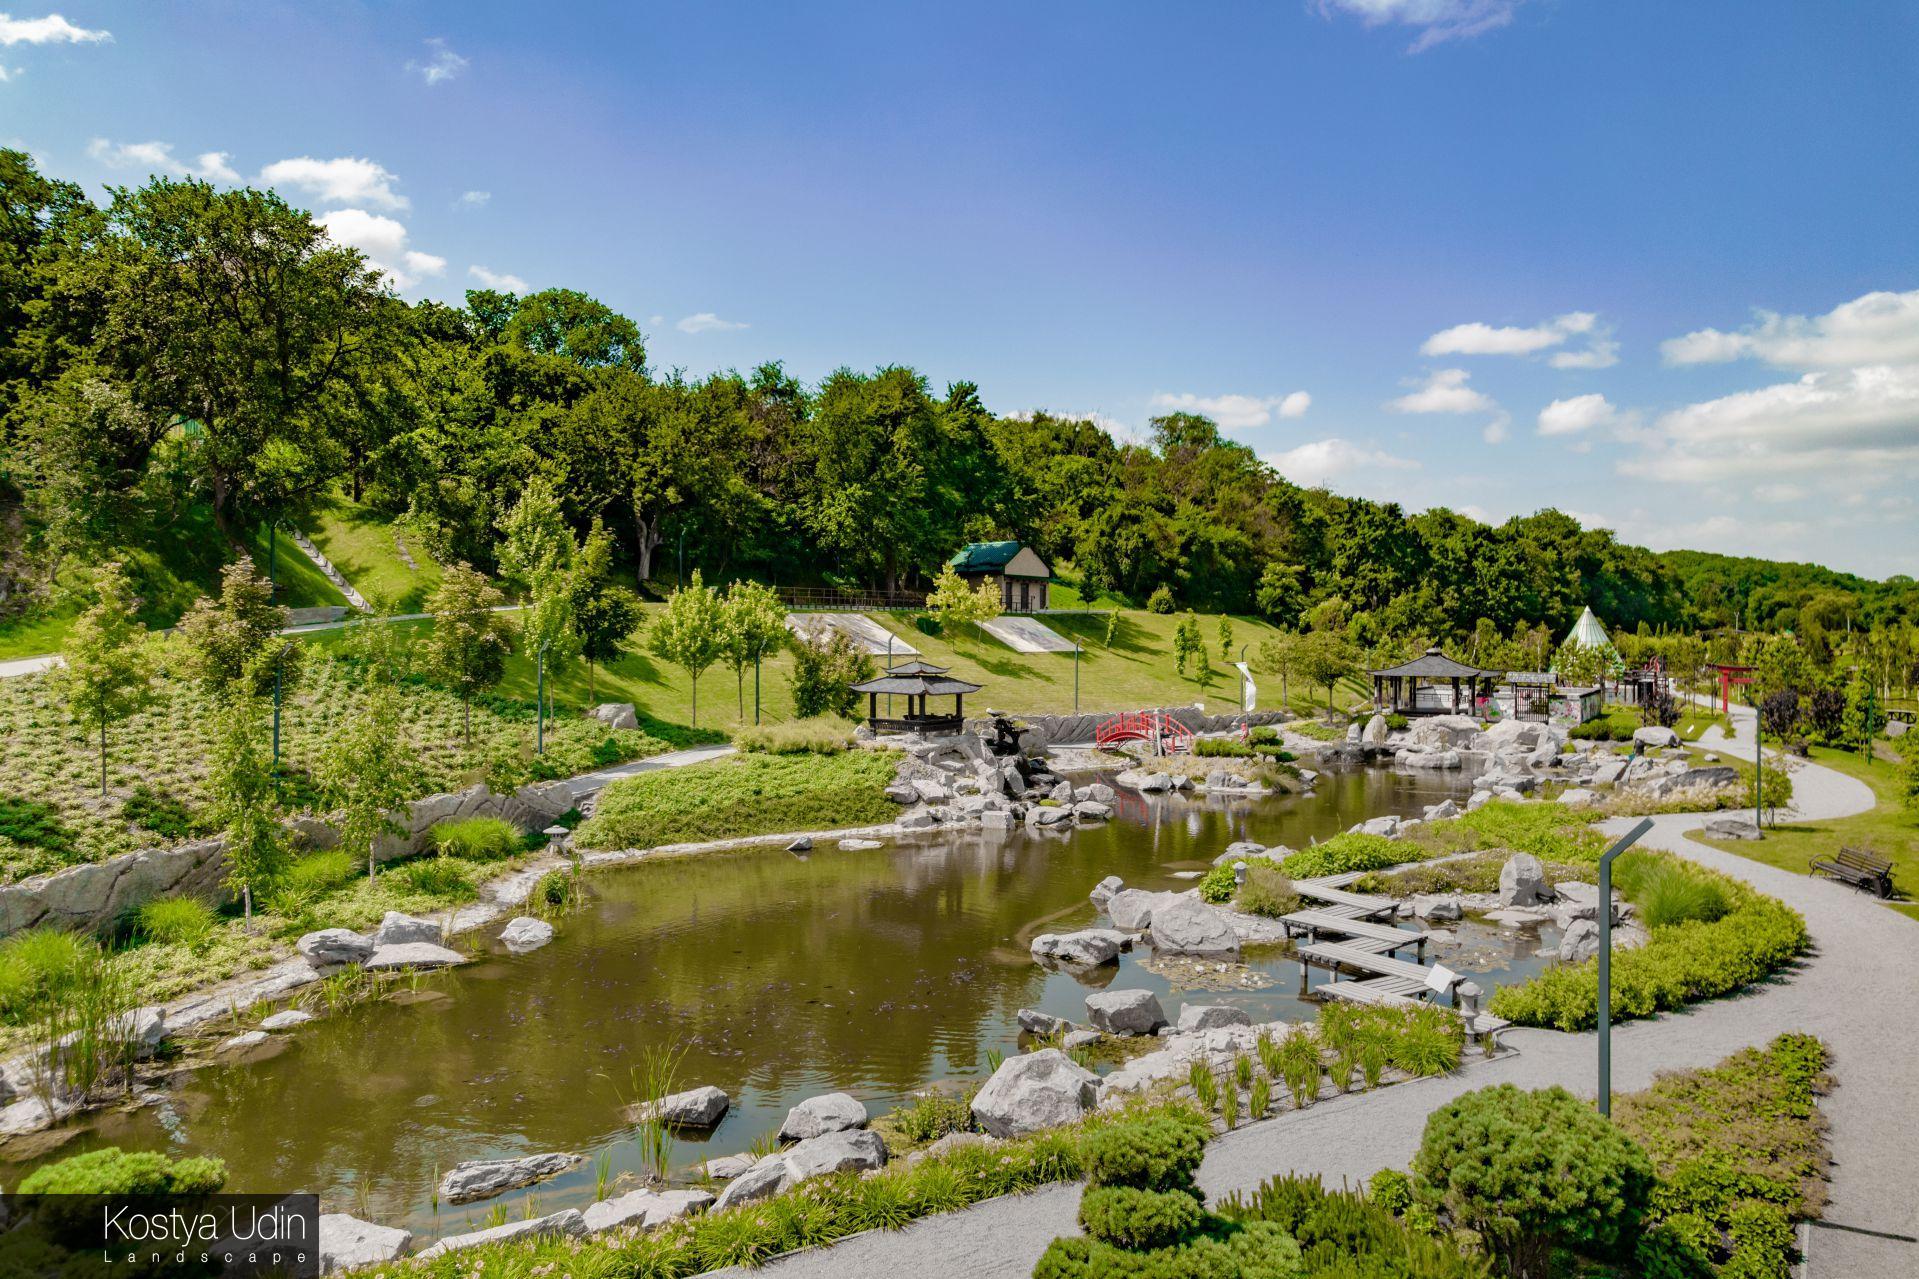 Любимая локация посетителей парка